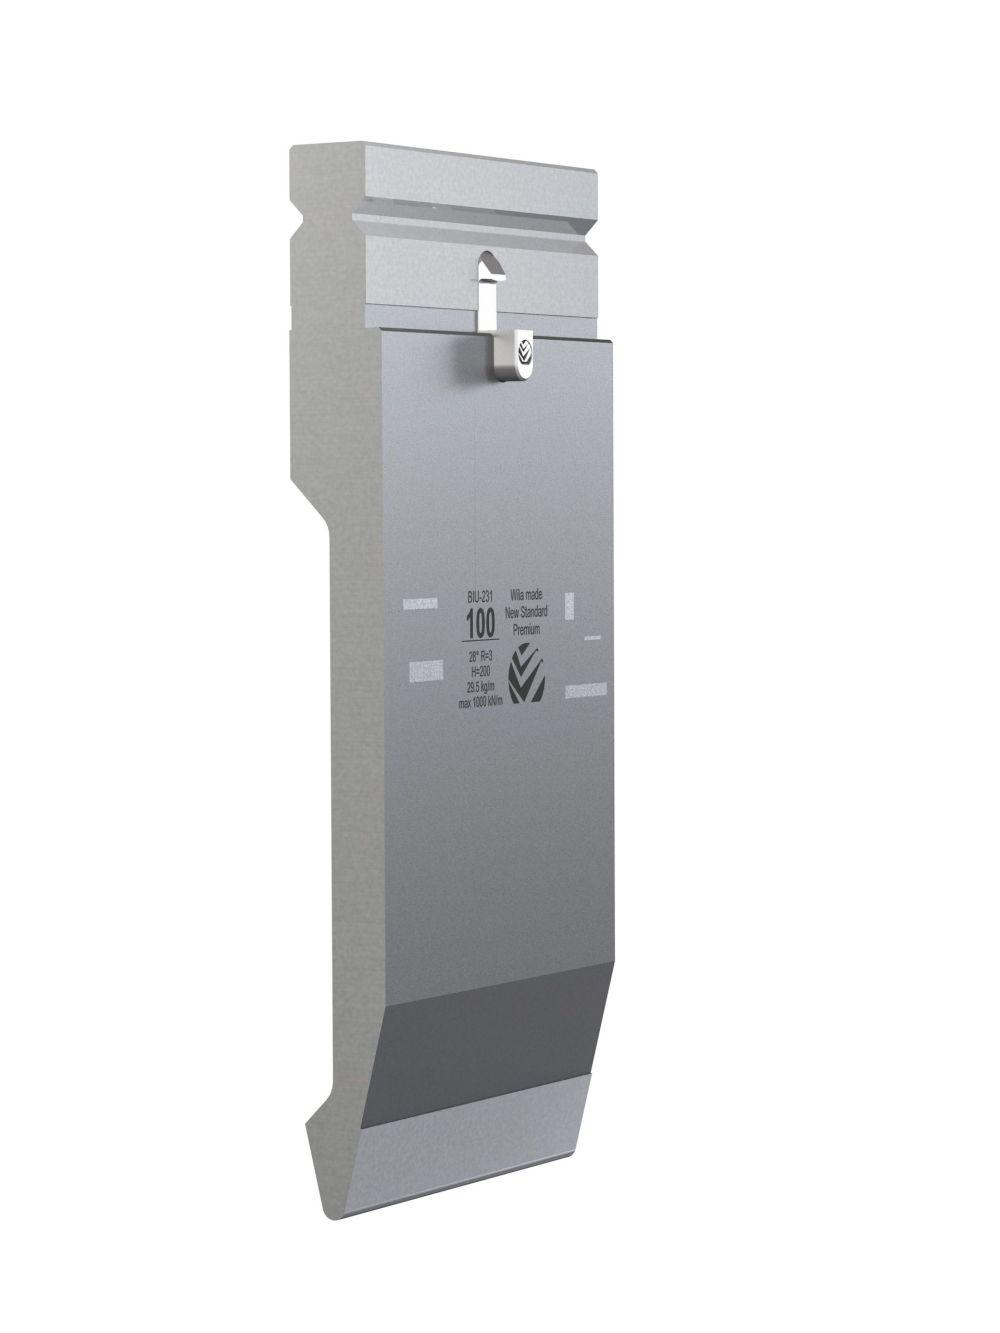 WILA BIU-231/1 New Standard Premium Top Tool H=200mm, a=28°, R=3mm, max.load: 100ton/m OPEN BOX, NEW